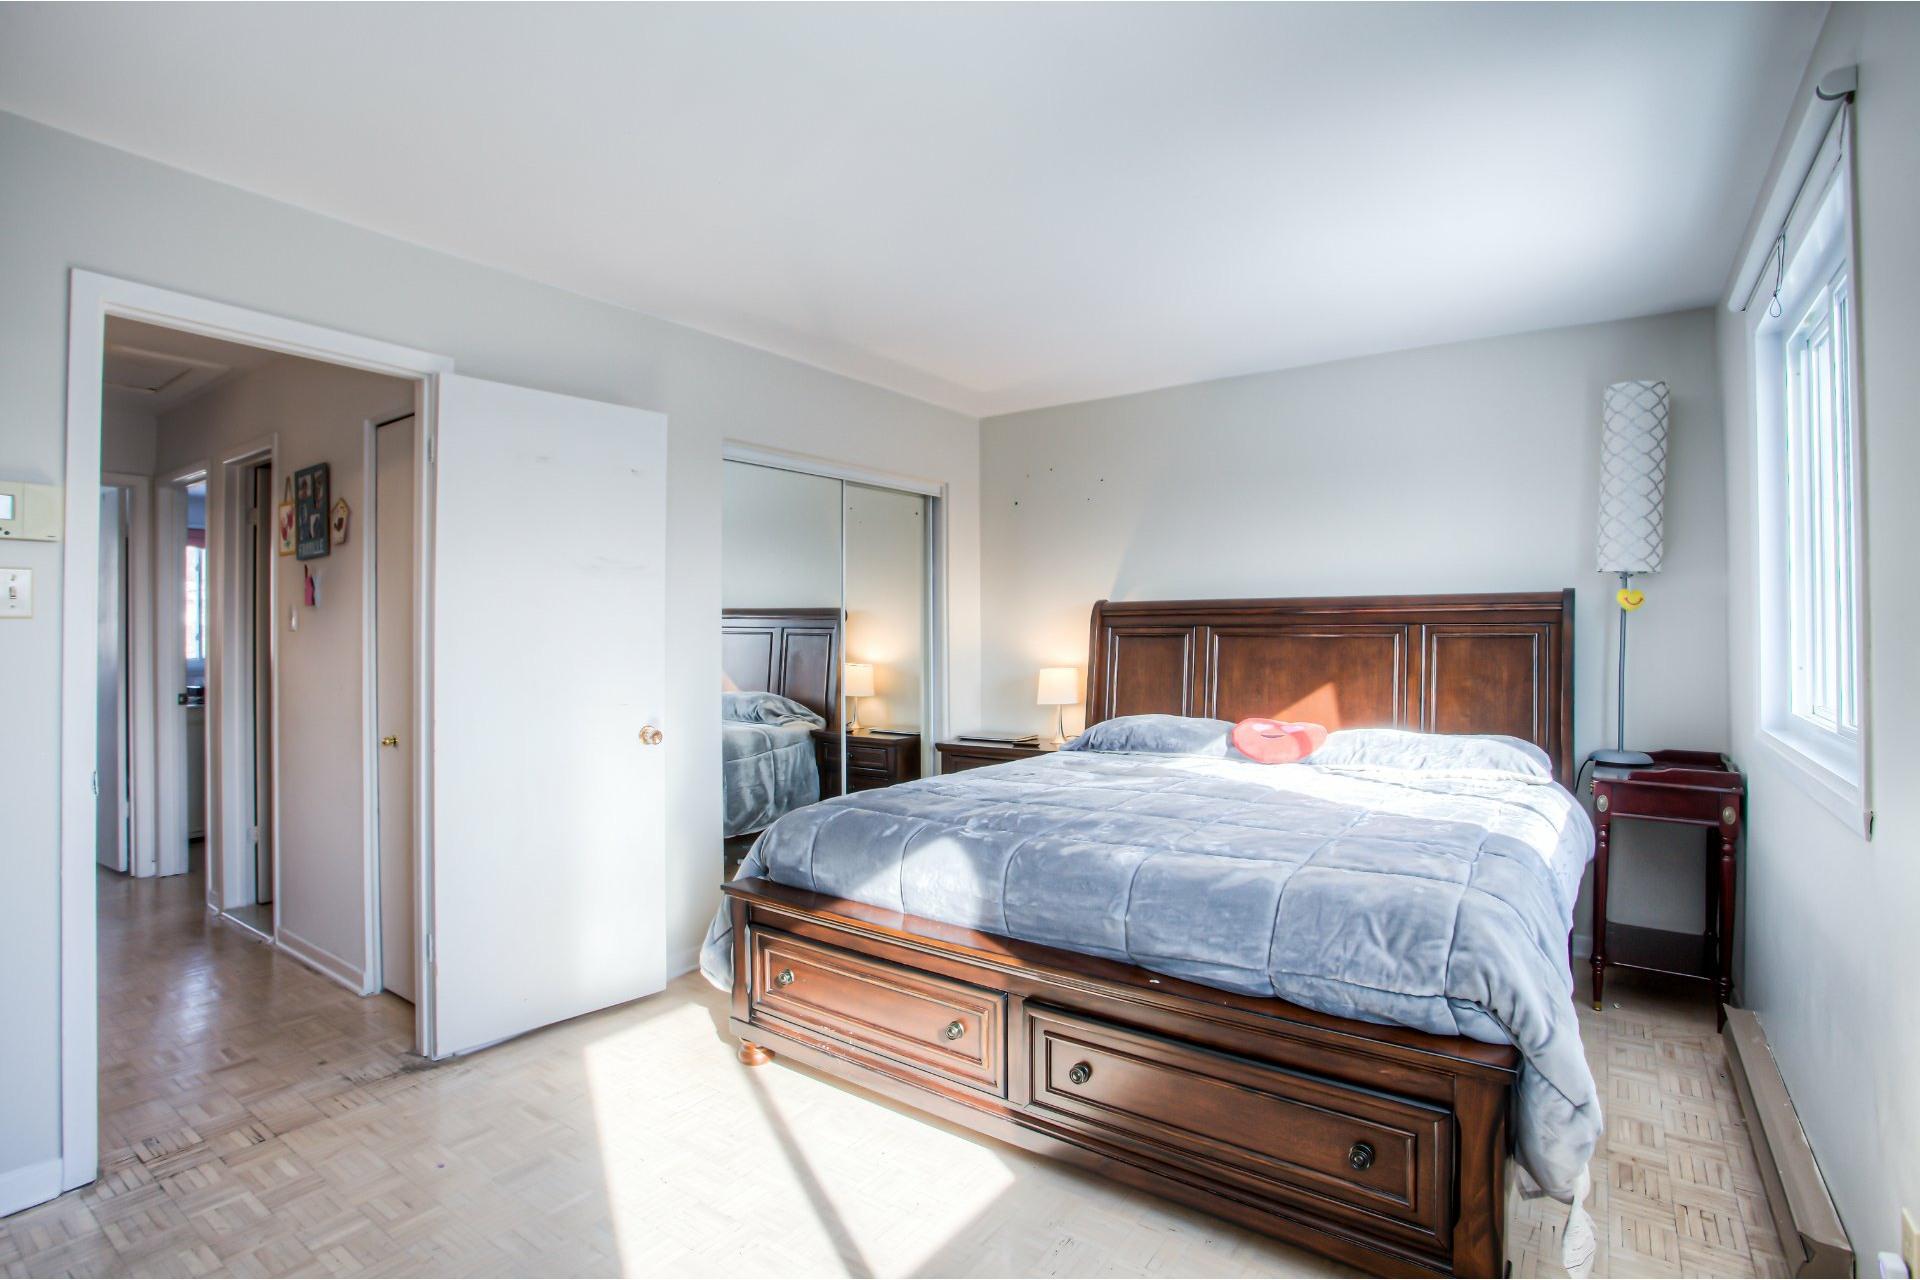 image 15 - Maison À louer Pierrefonds-Roxboro Montréal  - 9 pièces